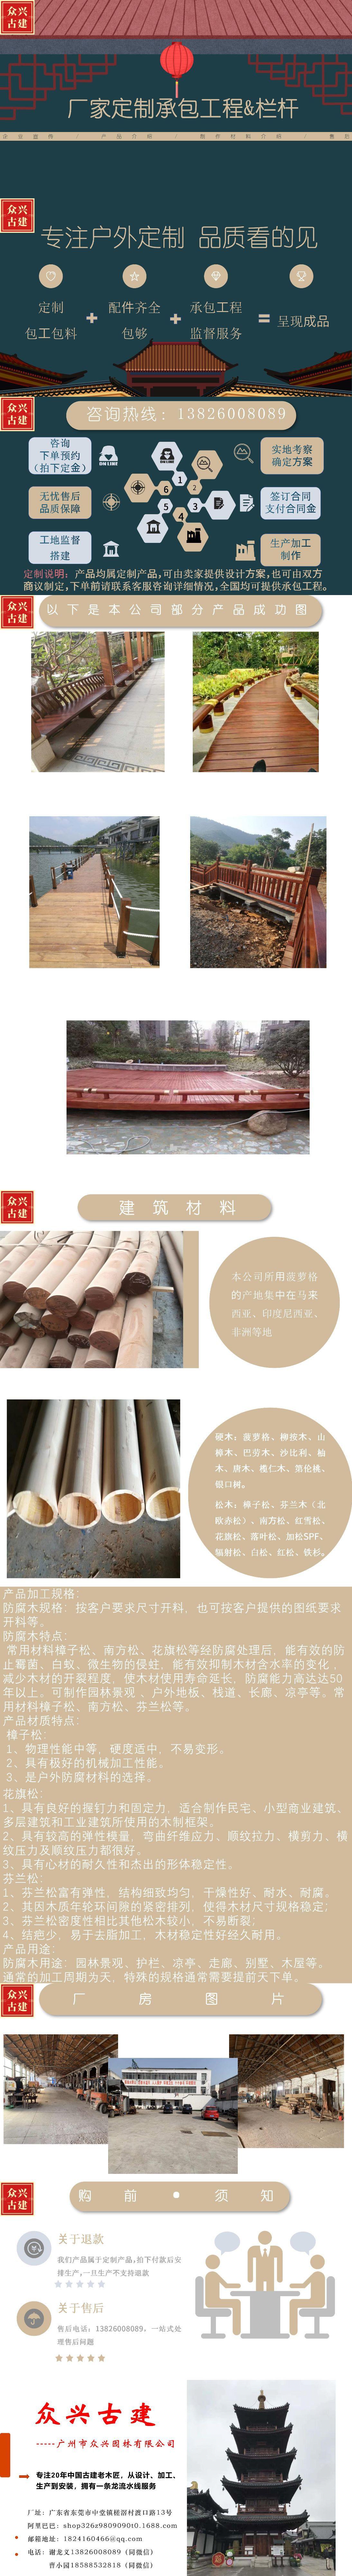 建筑木制古建筑栏杆.jpg